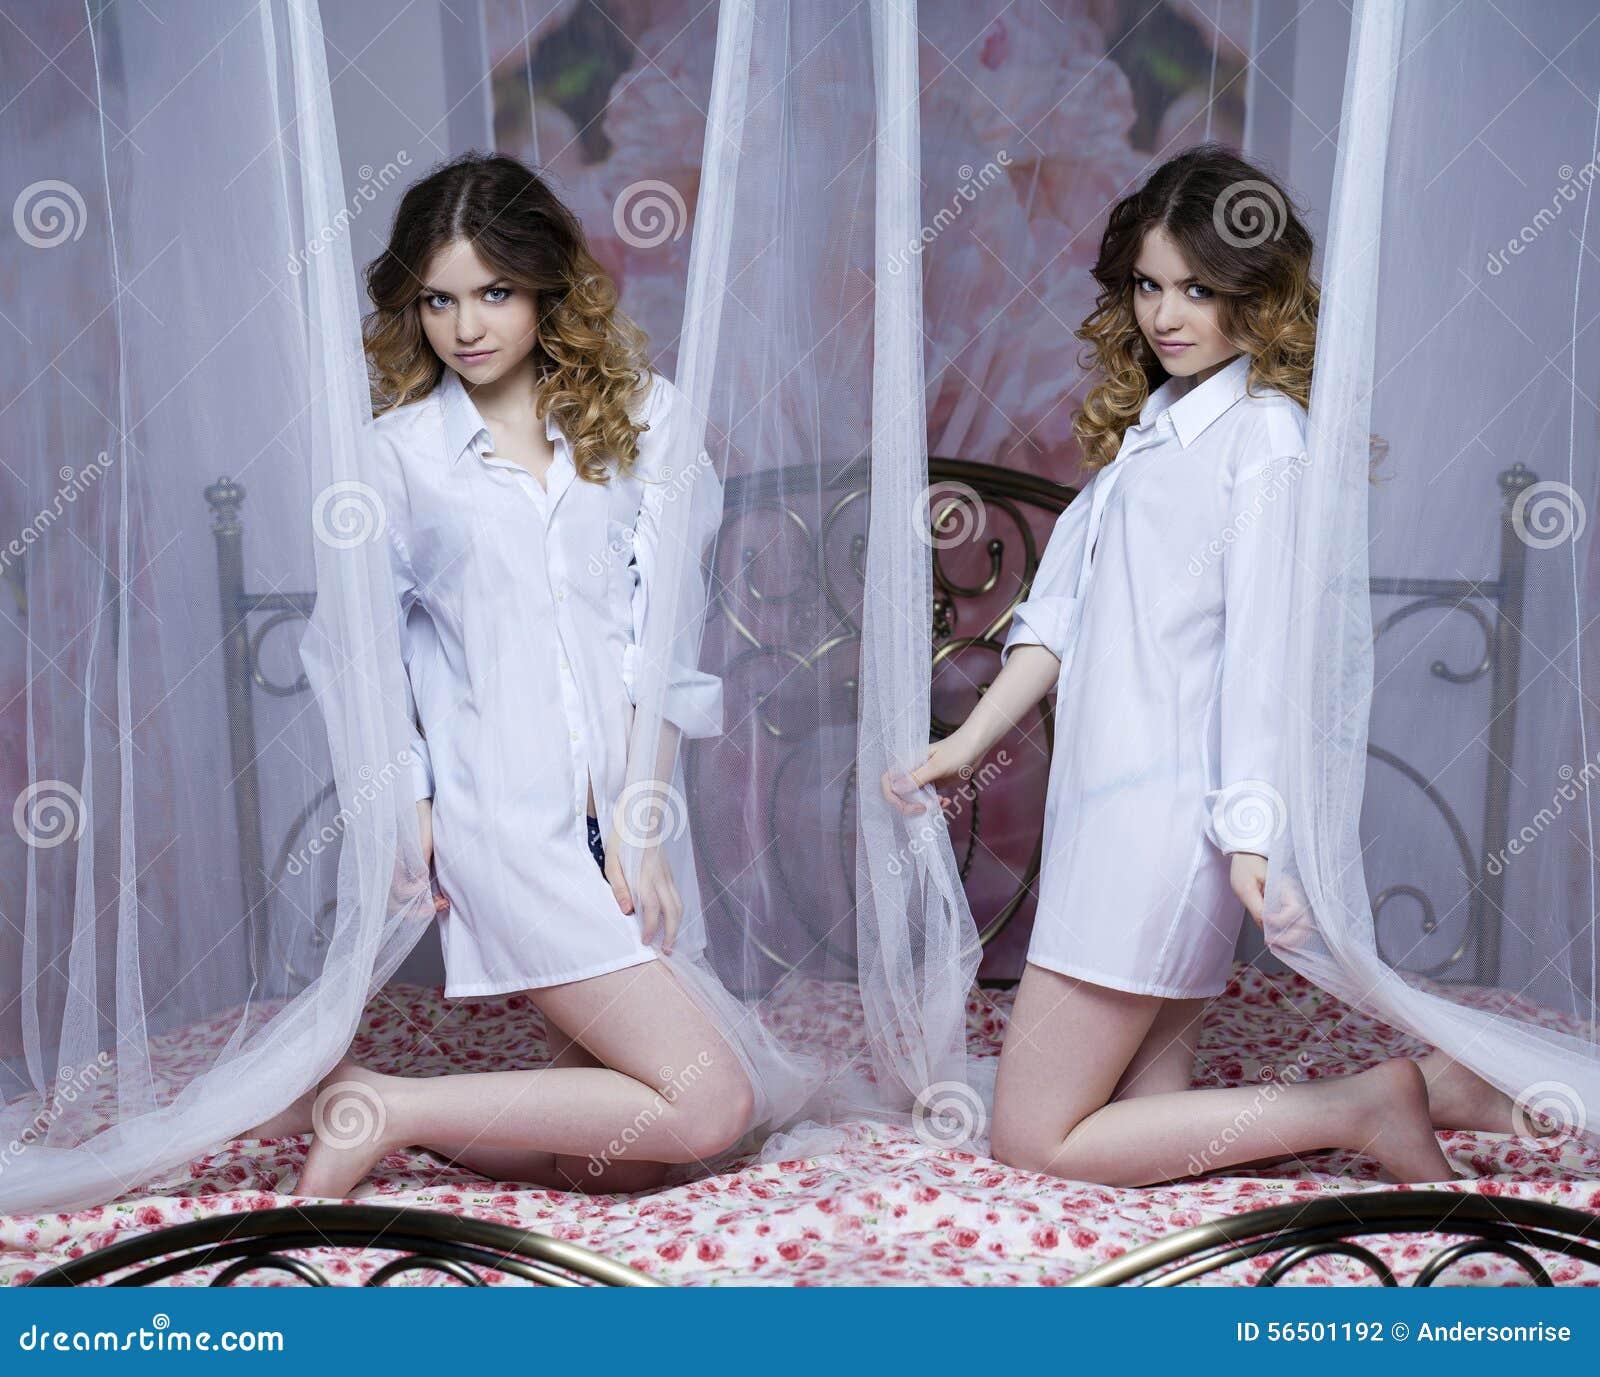 Collage due ragazze sexy belle ragazze bionde sul letto - Ragazze nude a letto ...